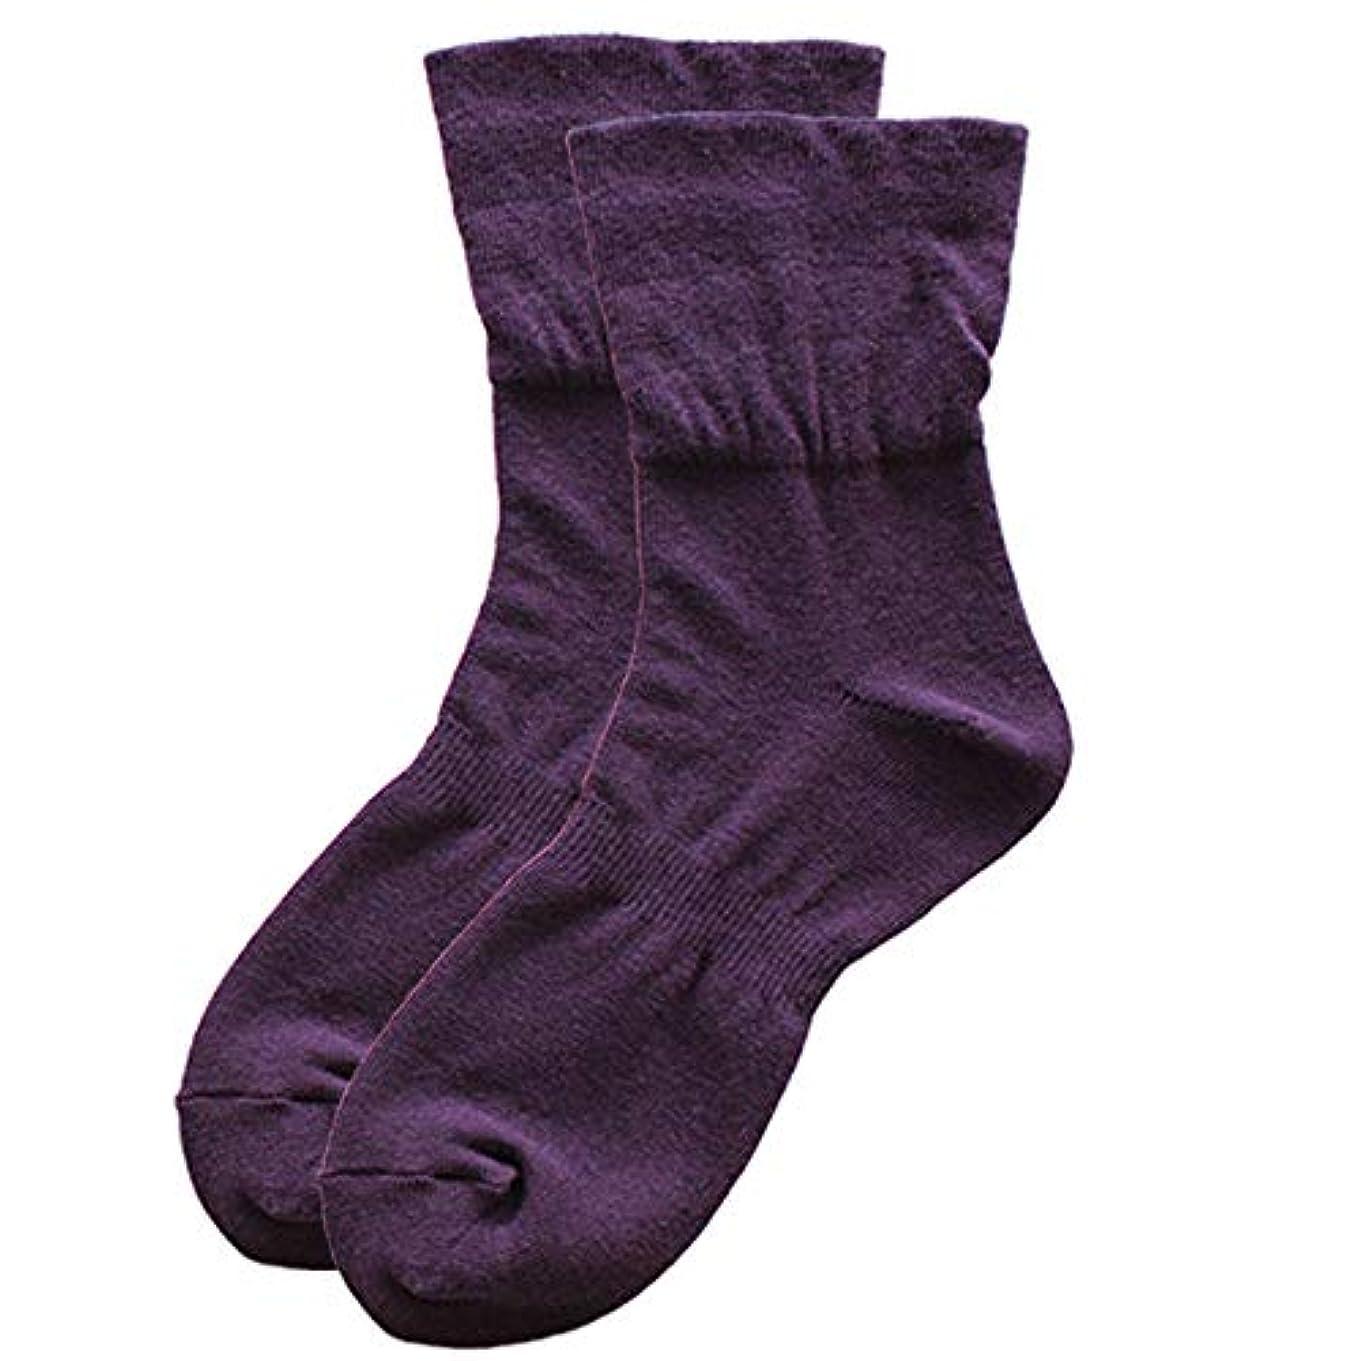 硫黄強打びっくりした歩くぬか袋 締めつけない靴下 23-25cm パープル